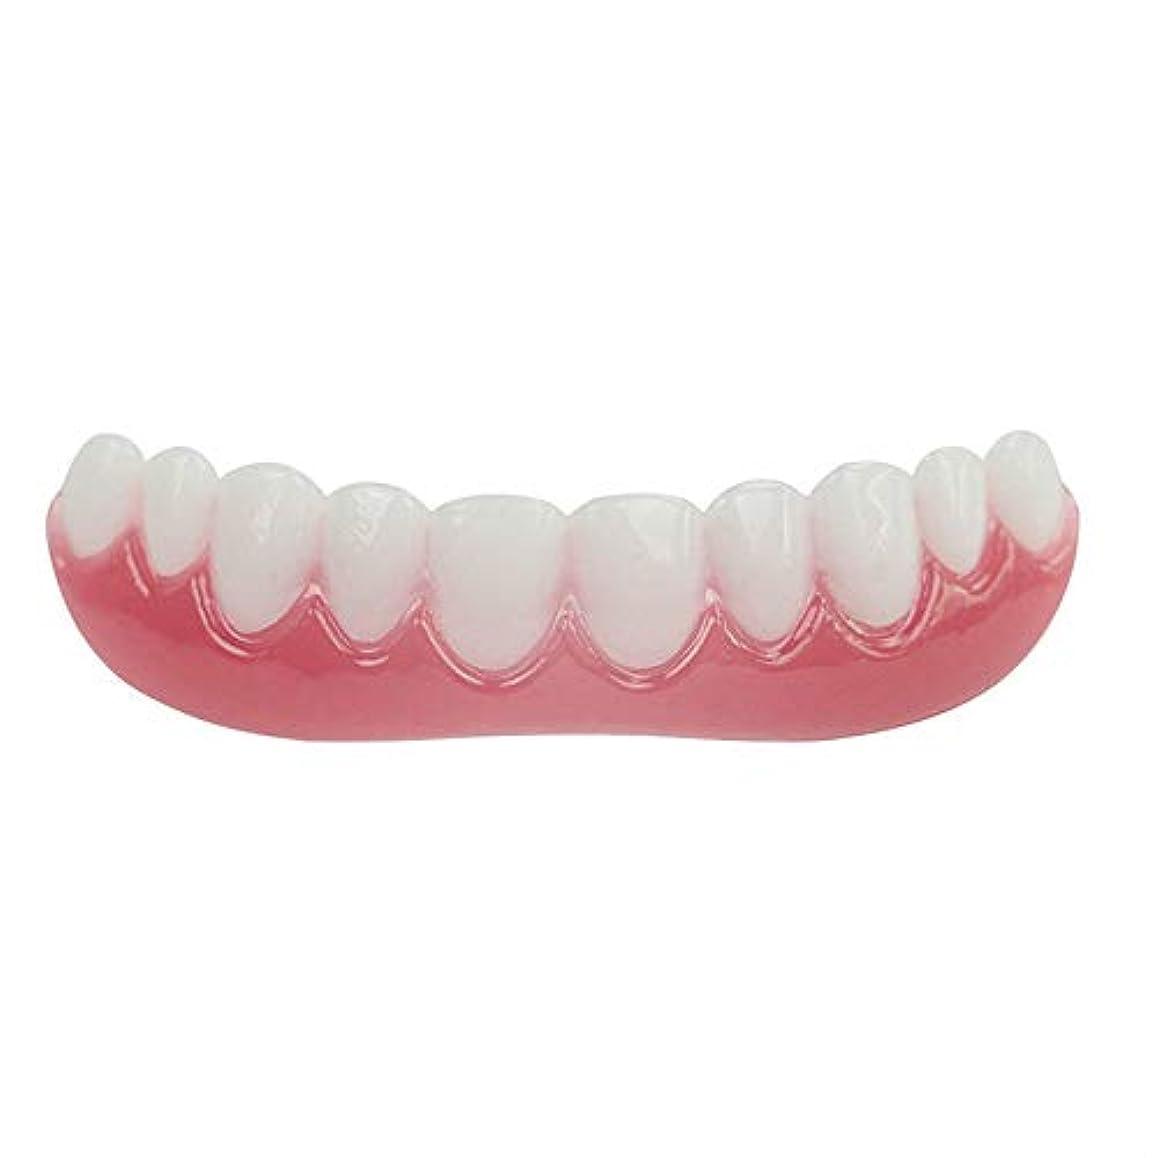 かび臭い自分の出会いシリコーンシミュレーション義歯、歯科用ベニヤホワイトトゥースセット(3個),Colorbox,Lower